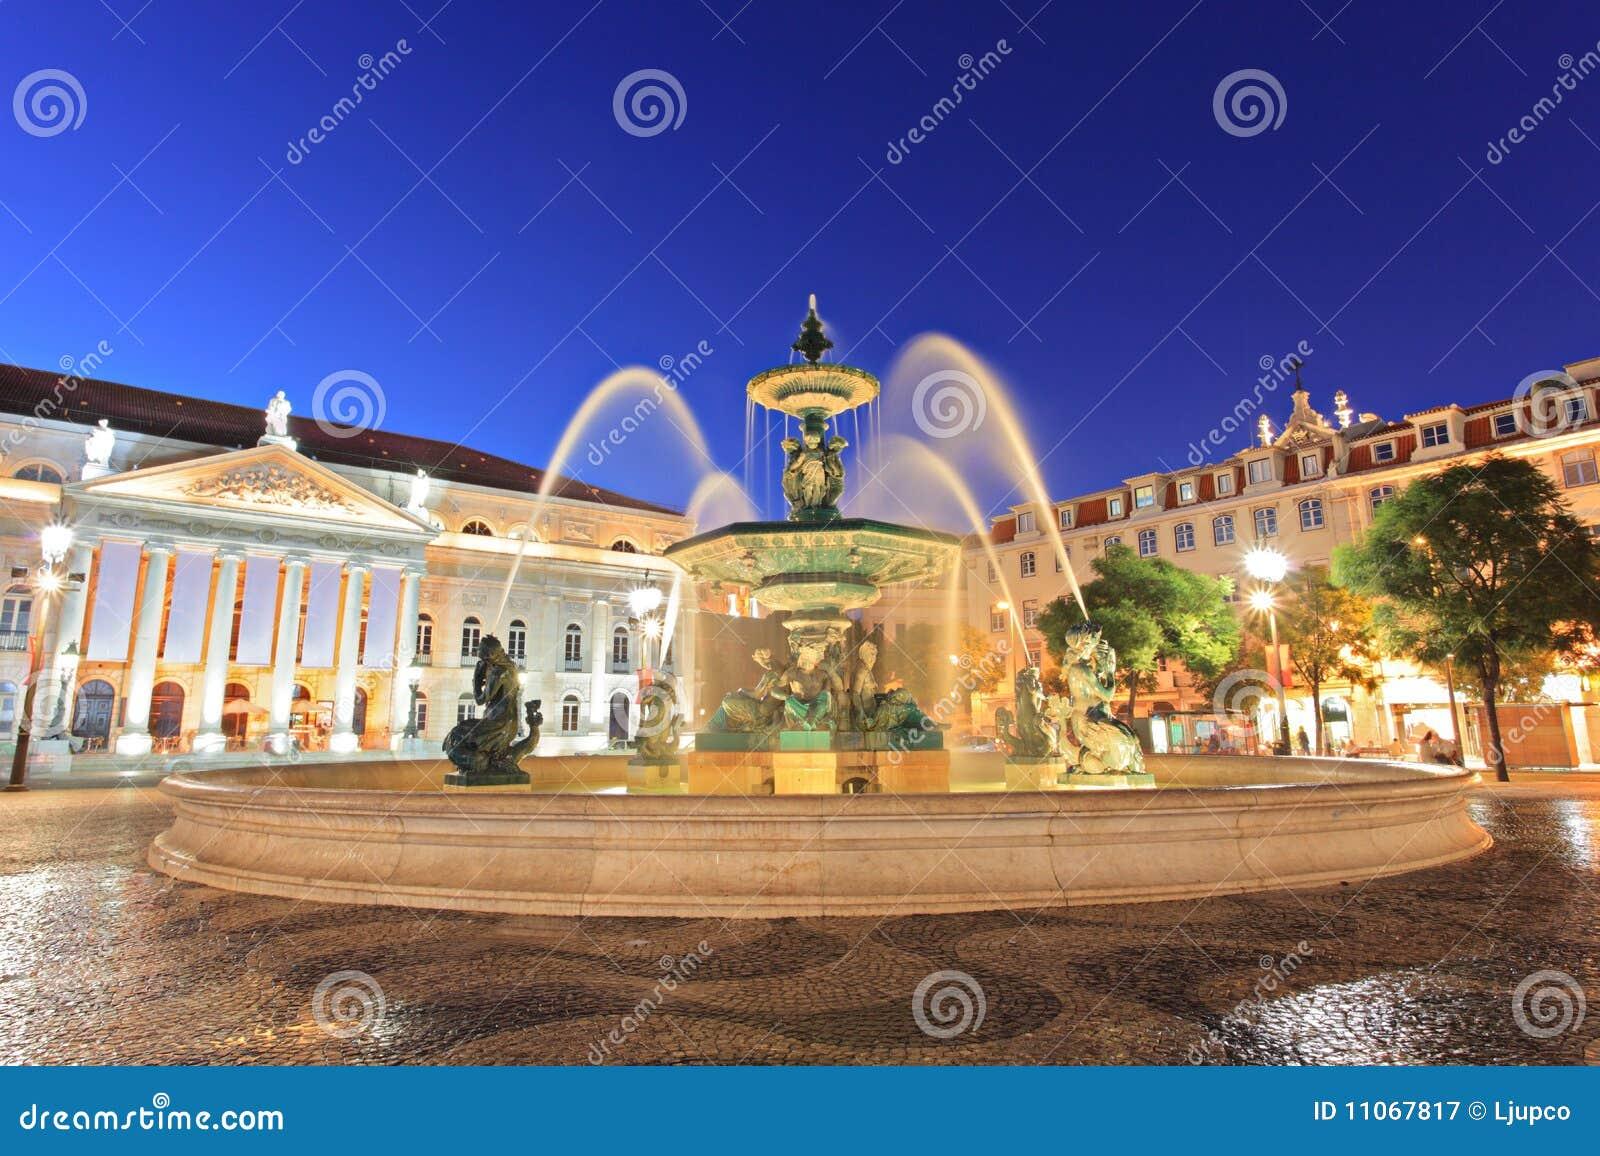 Fountain at Rossio square, Lisbon